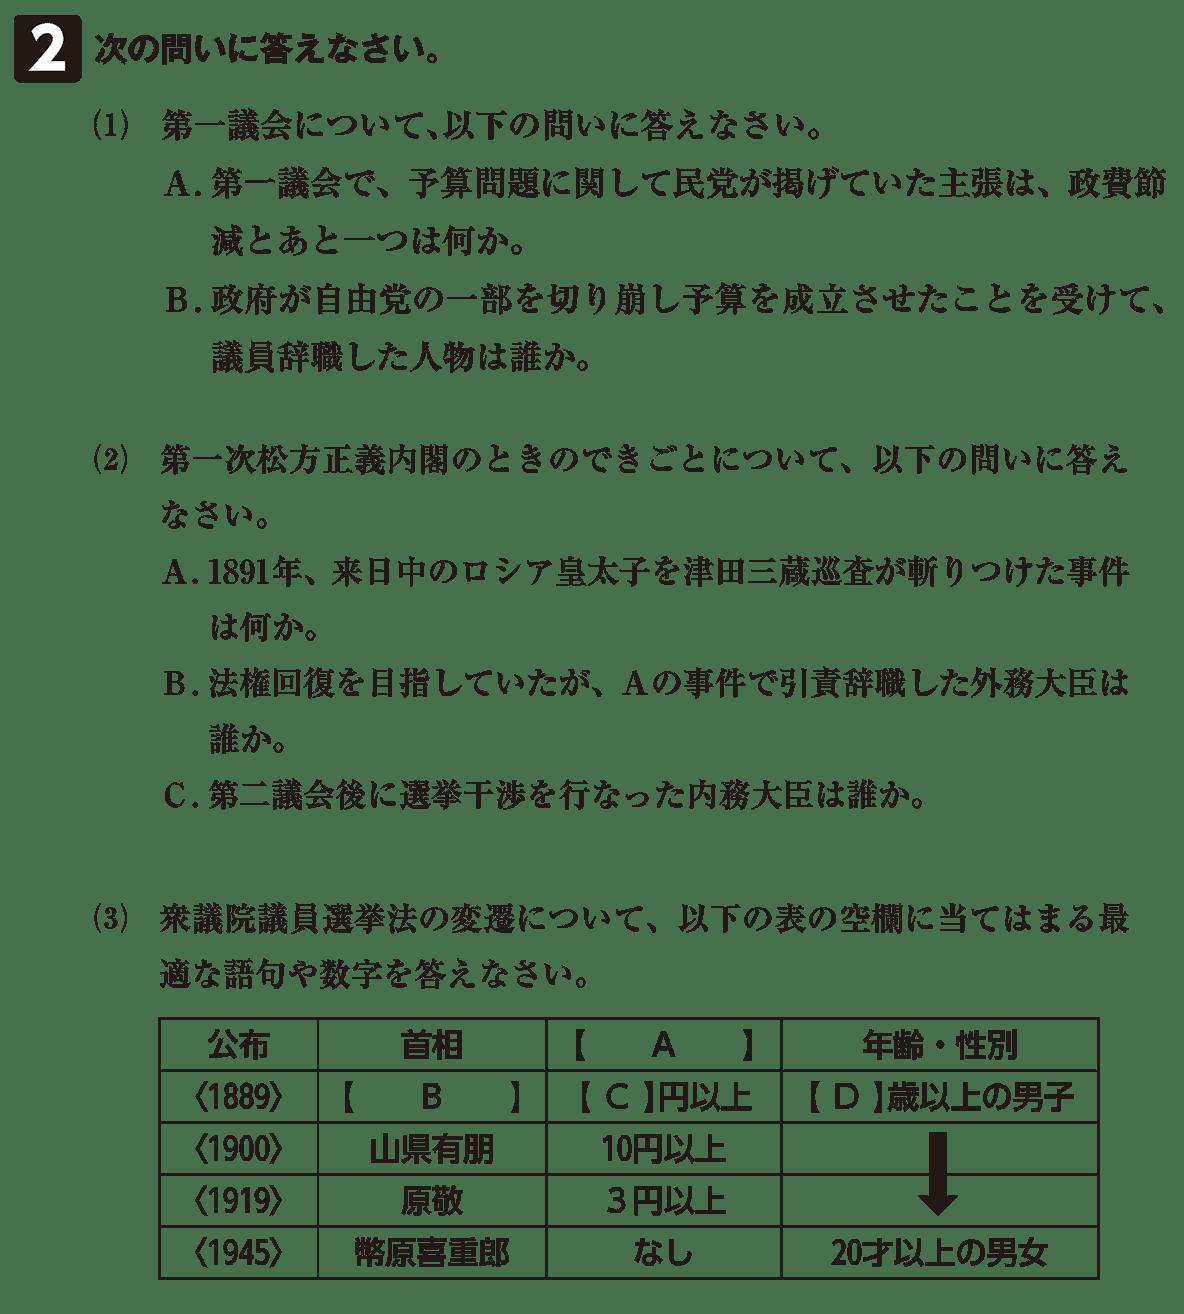 近代33 問題2 カッコ空欄